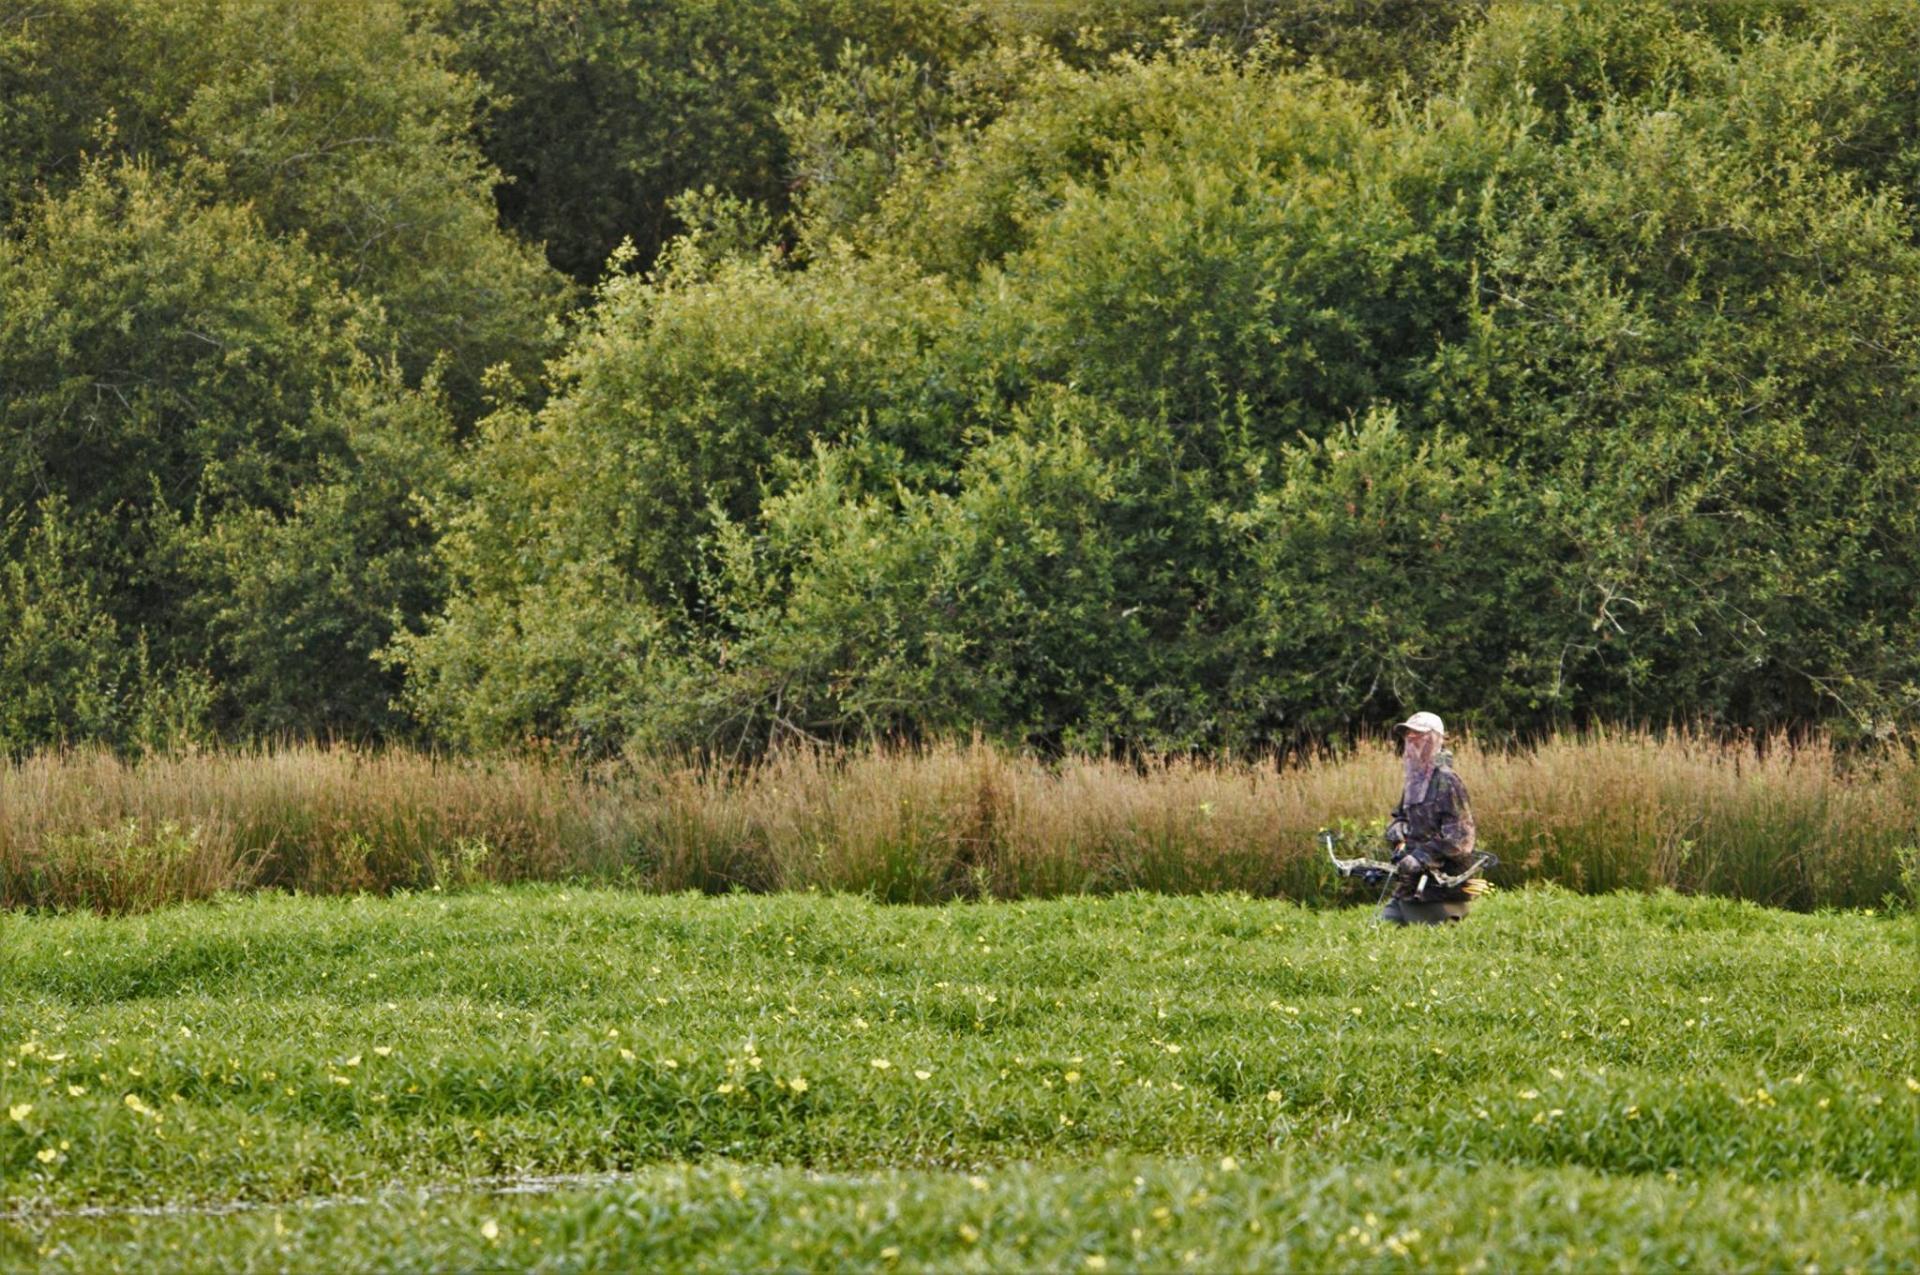 Pontonx sur Adour - le 13/07/18 - Photo de Baptiste